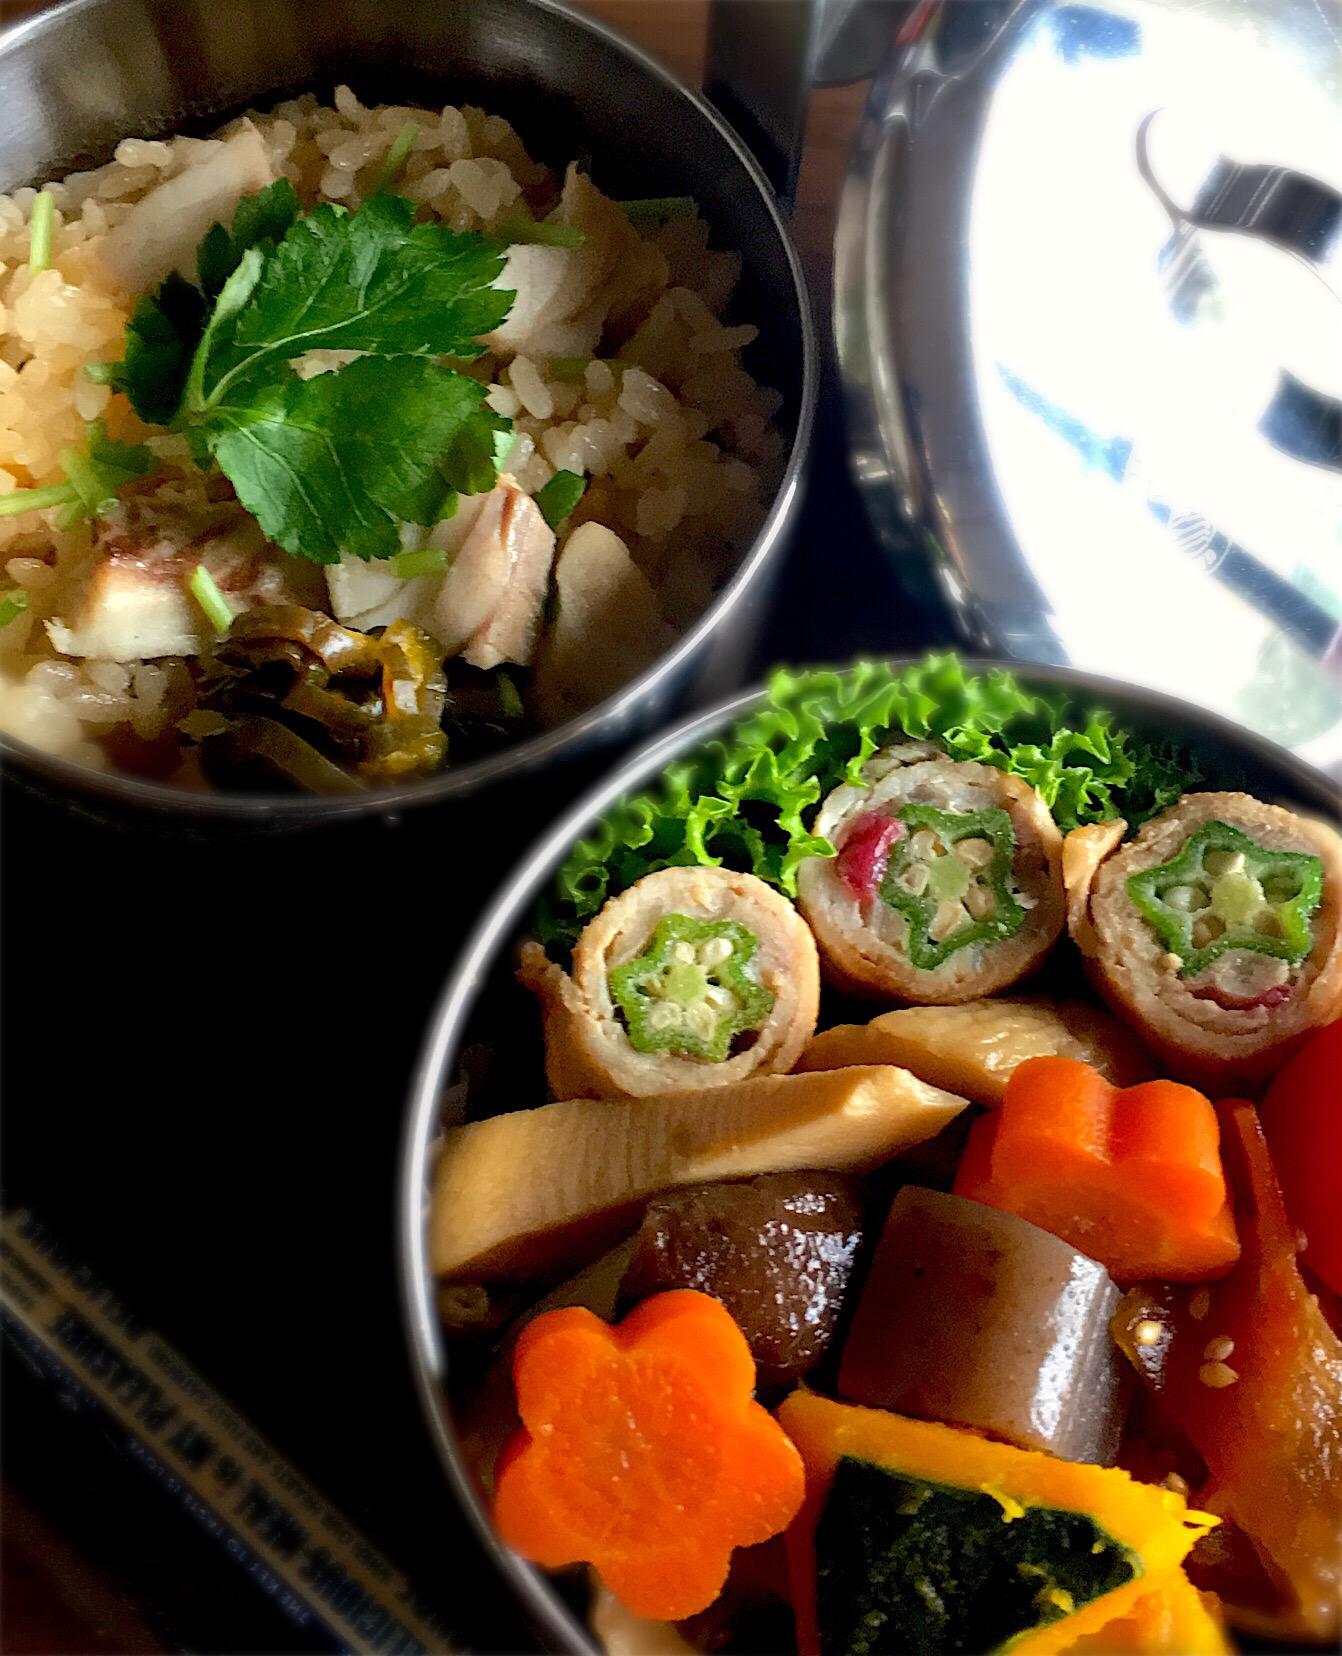 鯛めしと和食のヘルシーお弁当  #鯛めし#煮物#豚肉の梅肉とオクラ巻き焼き